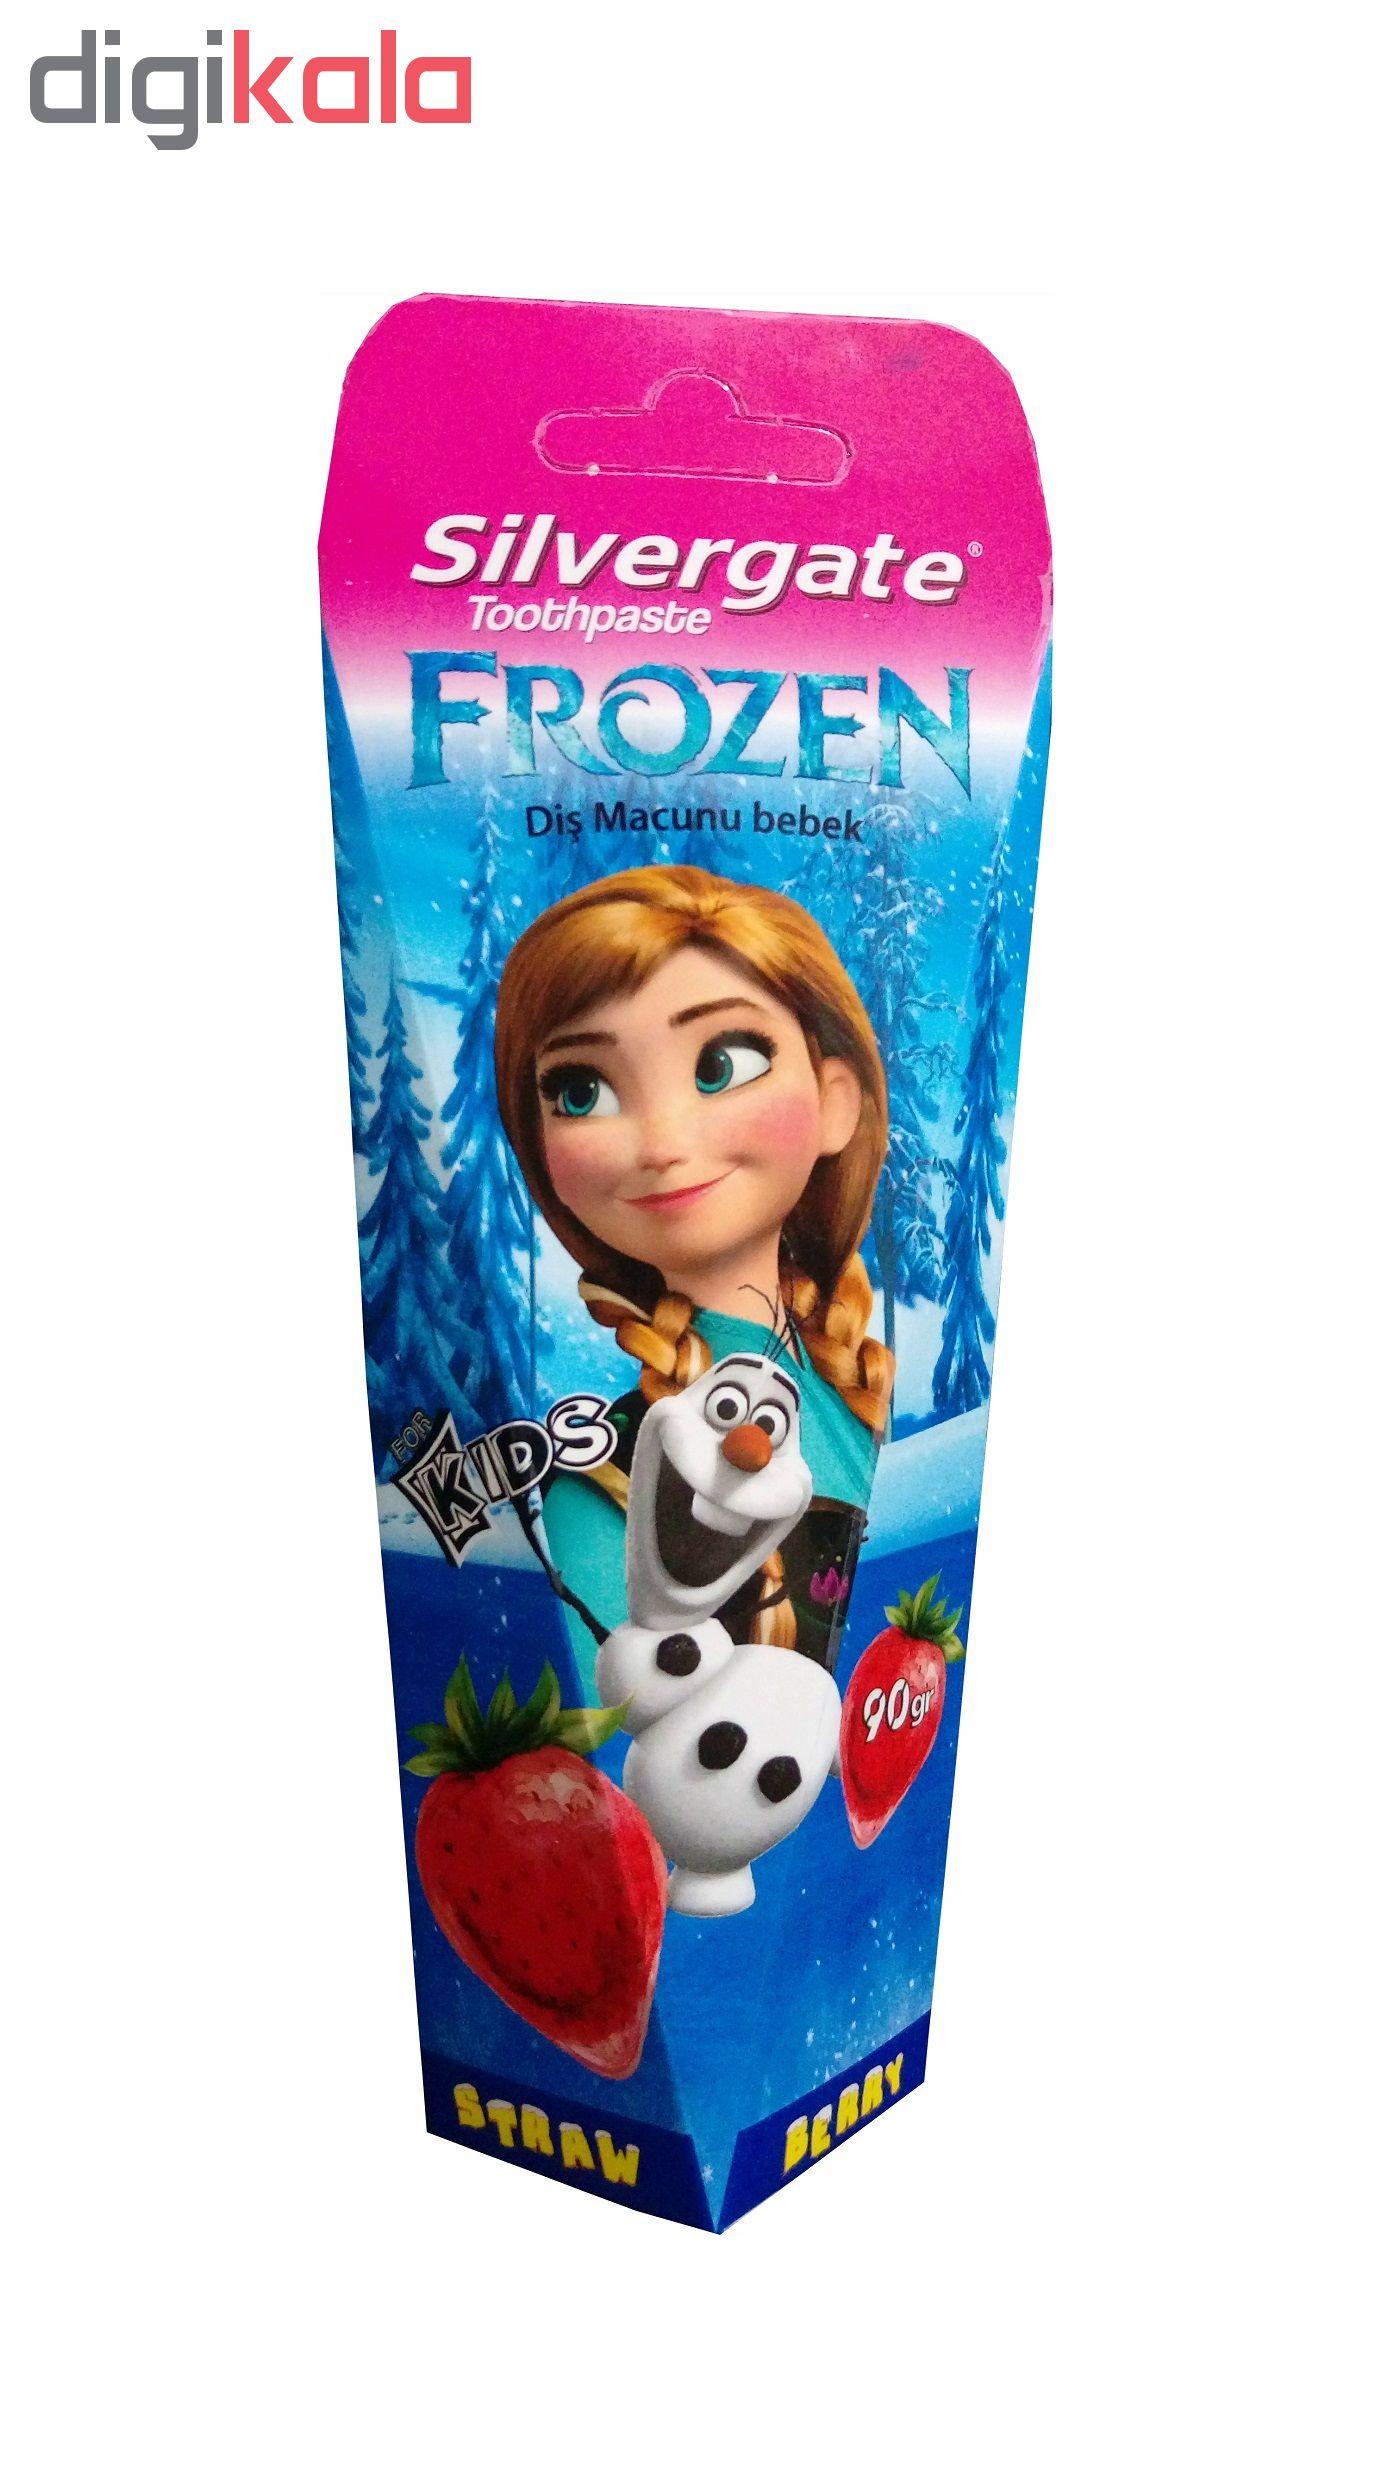 خمیر دندان کودک سیلورگیت مدل Frozen مقدار 90 گرم